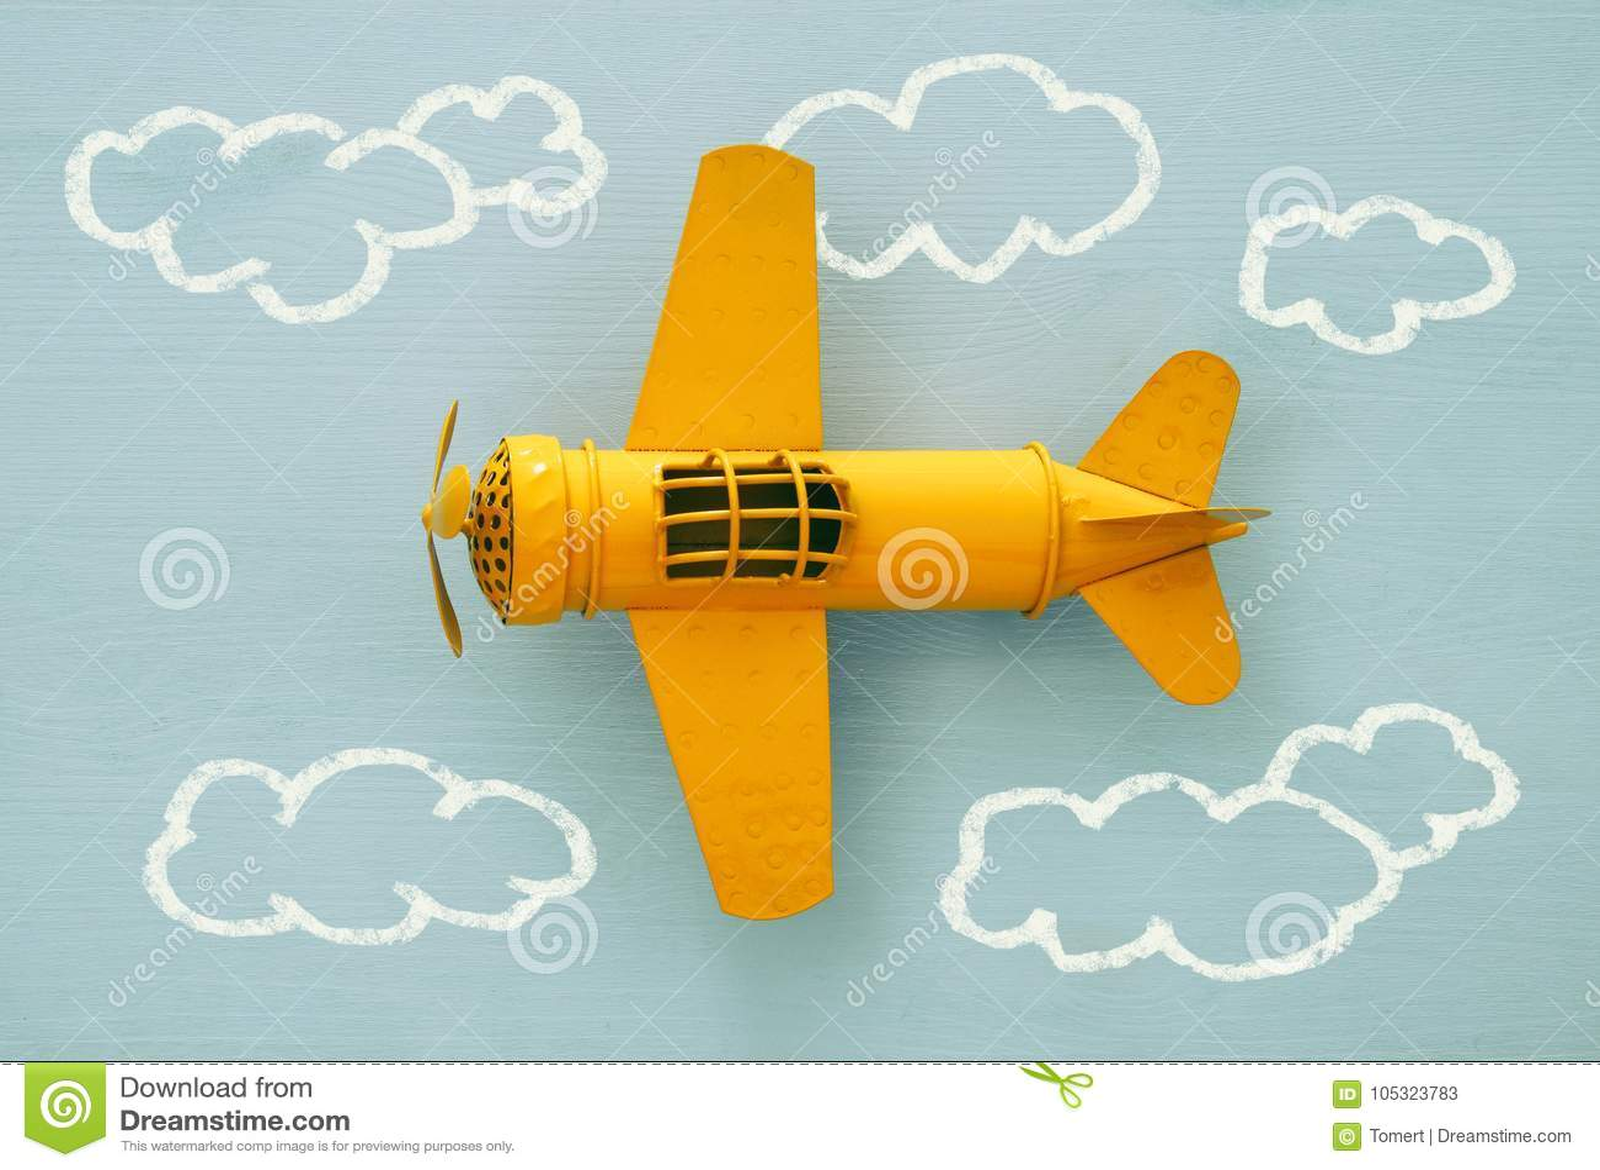 Concepto de imaginación, de creatividad, de sueño y de niñez Avión retro del juguete con bosquejo de los gráficos de la informaci